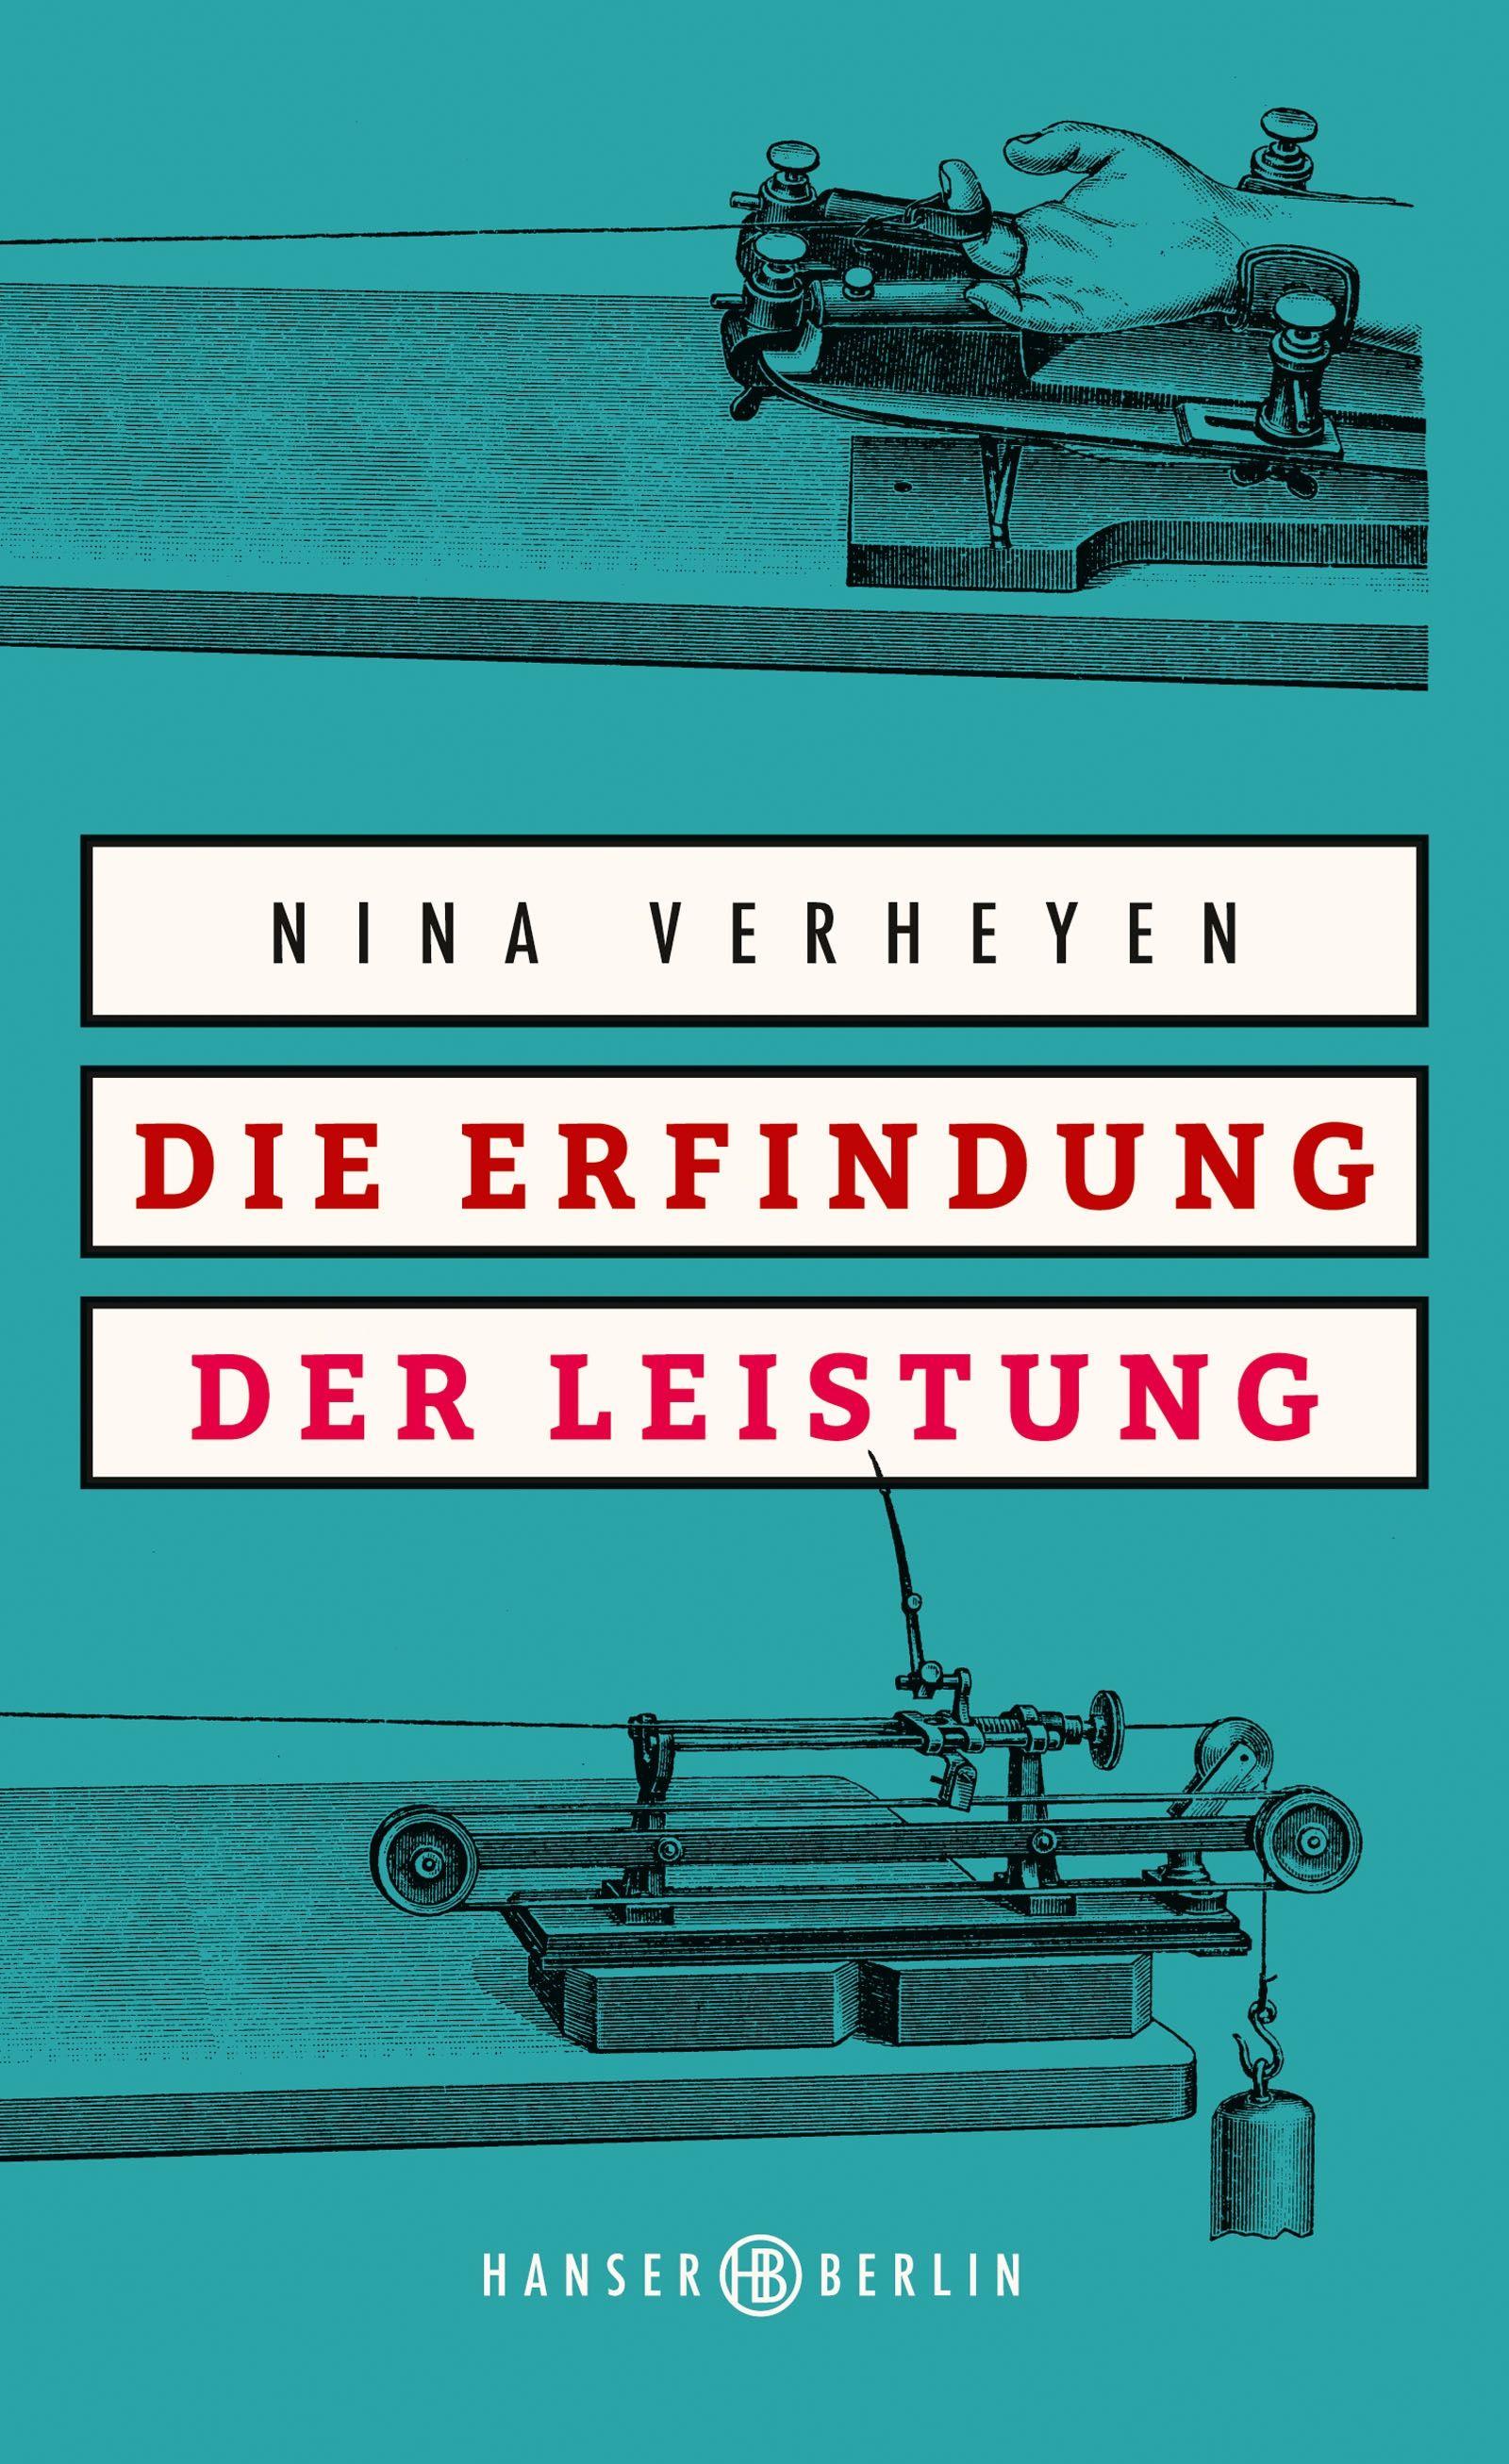 Nina Verheyen